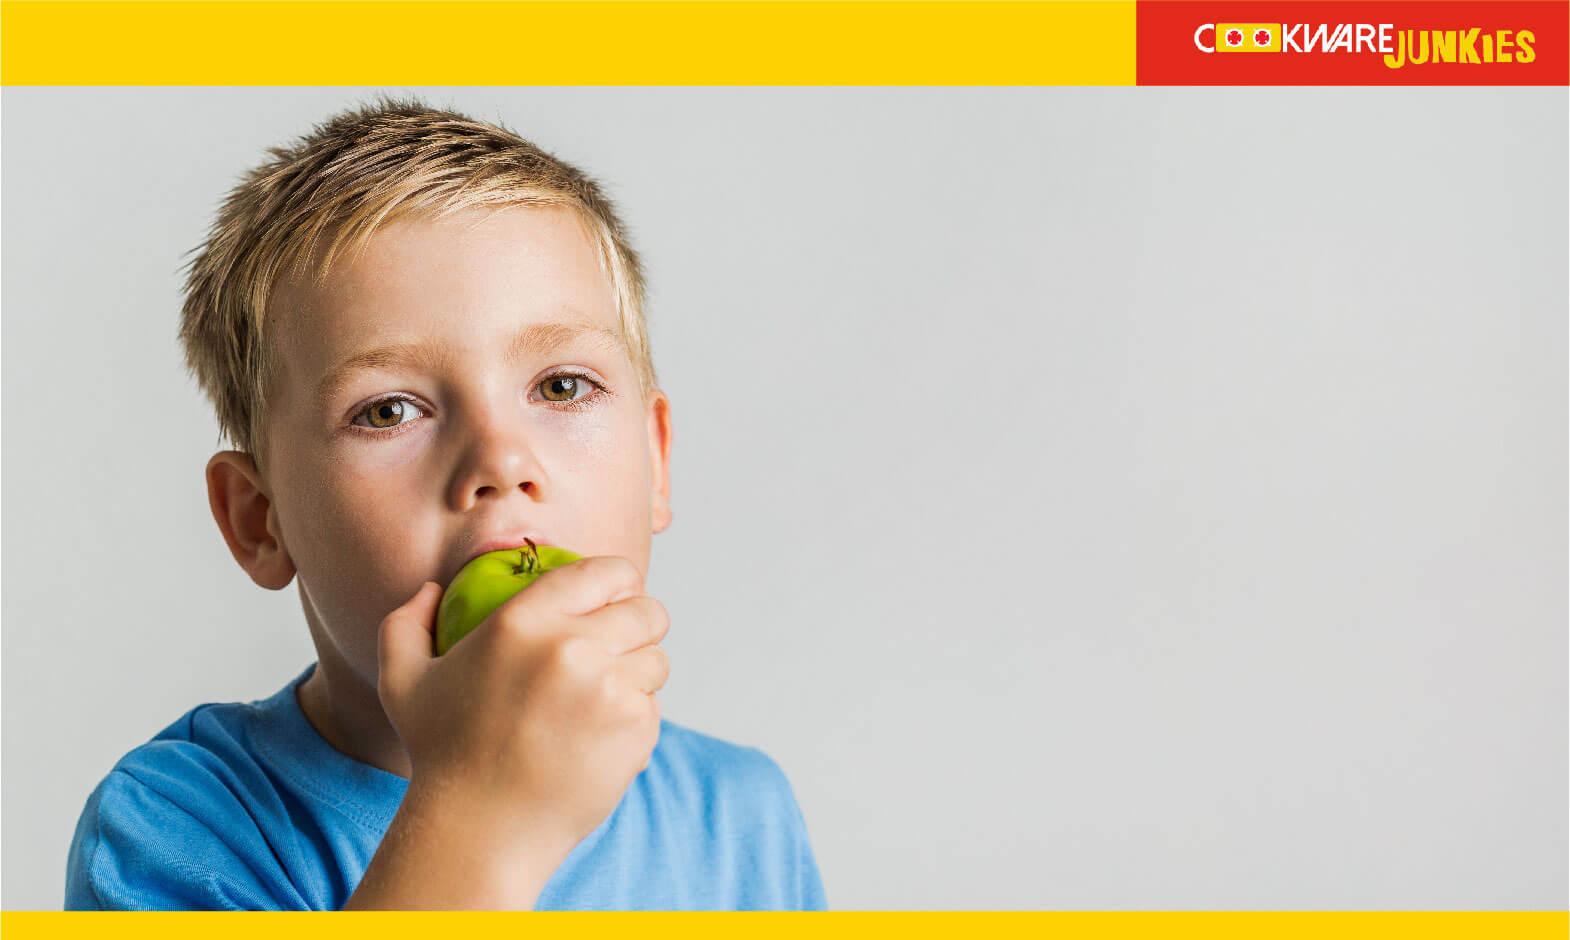 A kid eating Apple